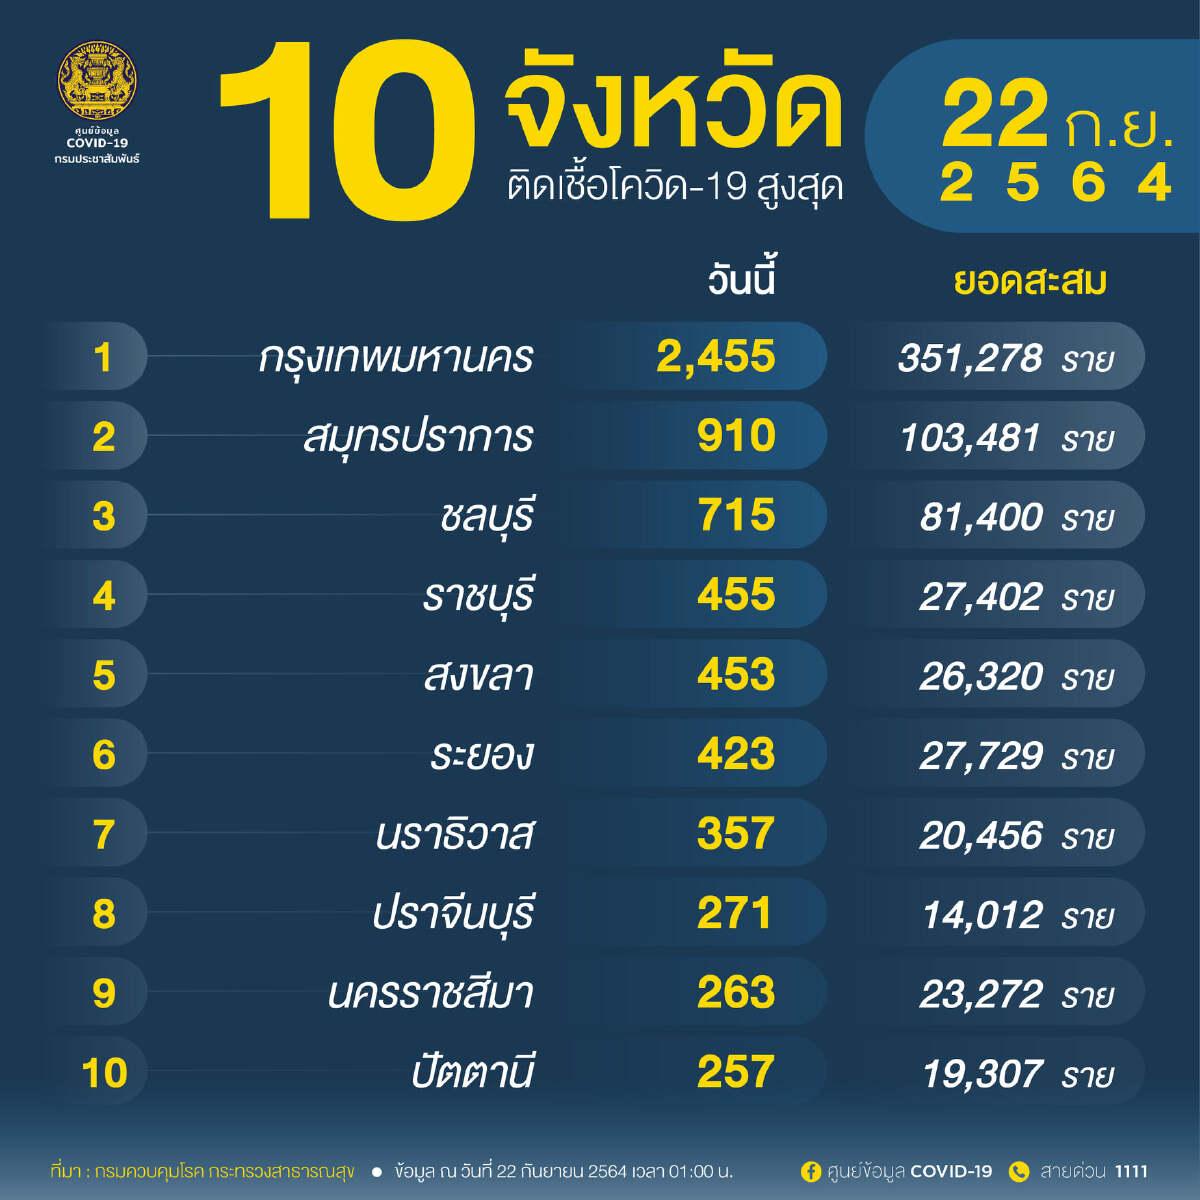 """อัพเดท """"โควิดวันนี้"""" 10 จังหวัดติดเชื้อสูงสุด กทม.-ปริมณฑล 3,859 จับตาชลบุรี ราชบุรี สงขลา"""